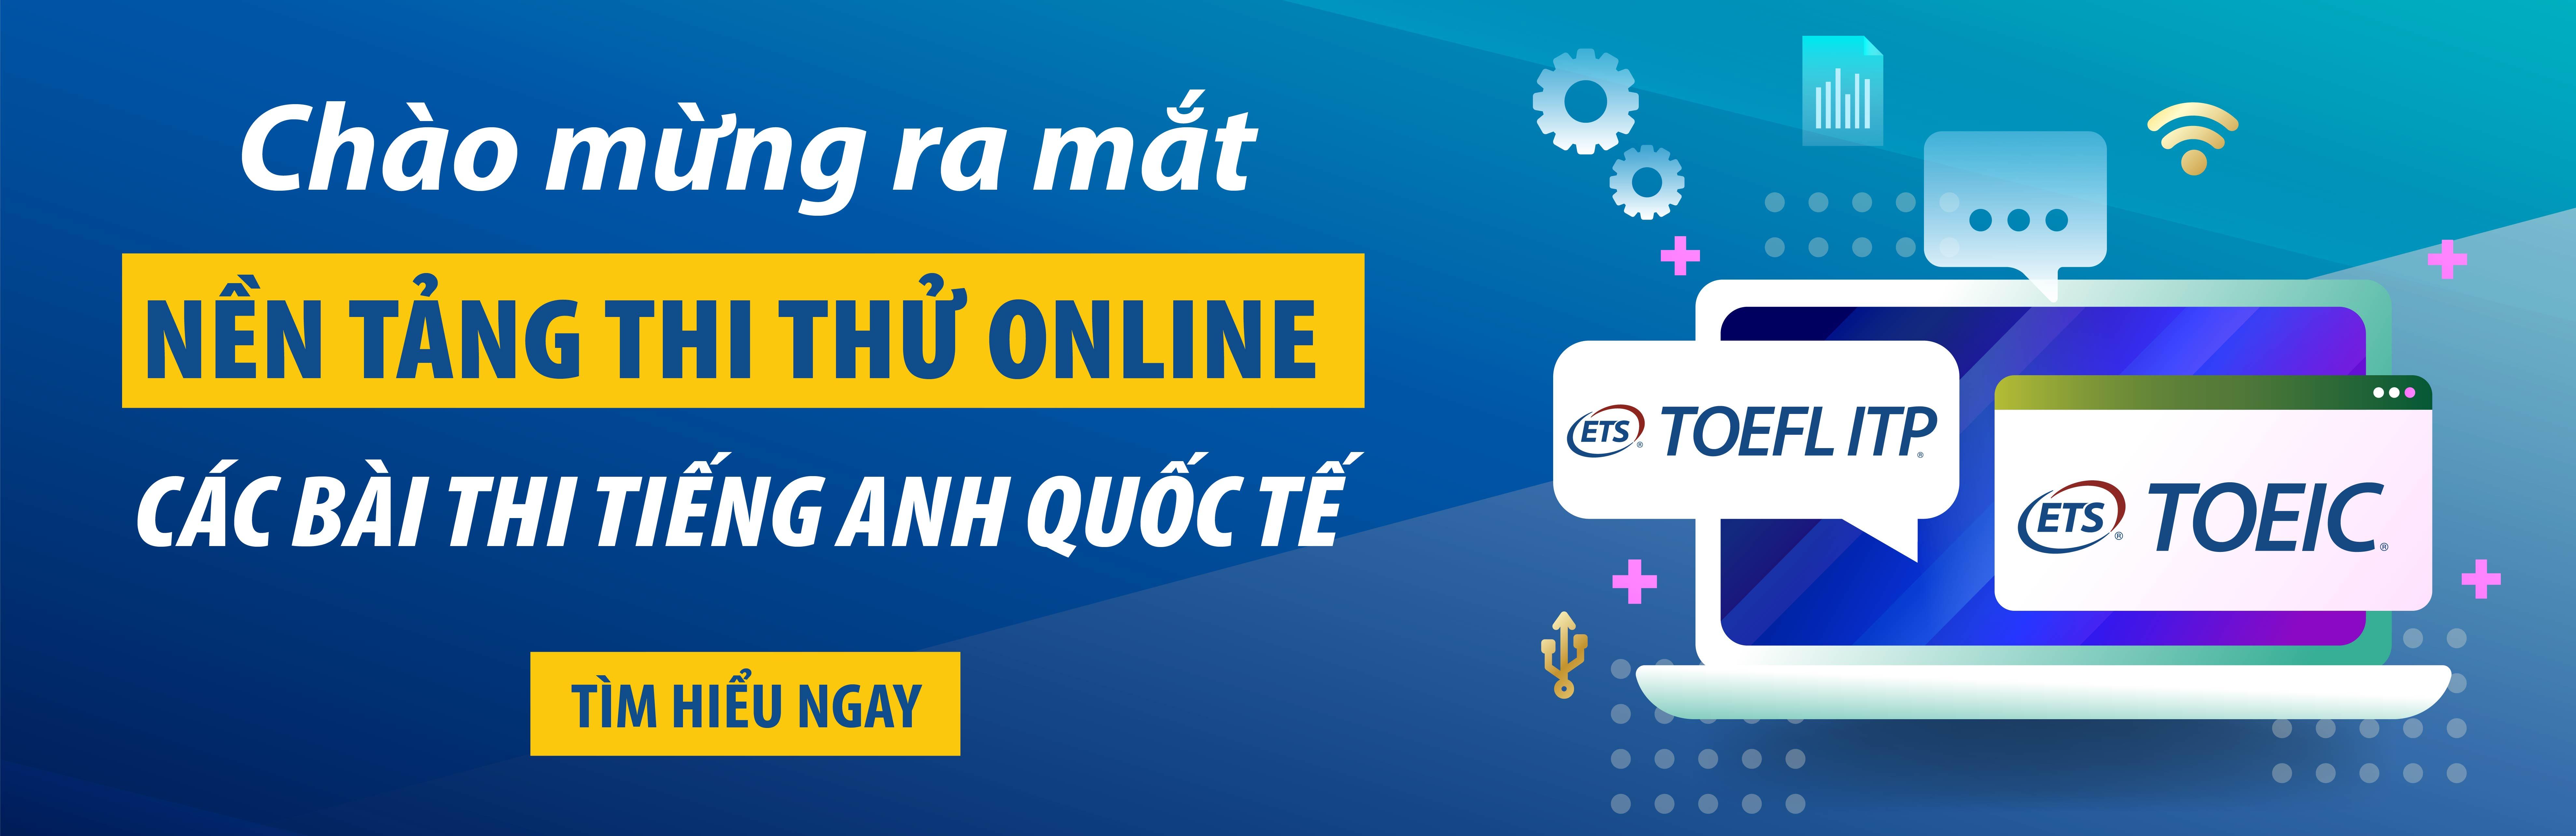 Lần đầu tiên: Thi thử Online TOEIC, TOEFL ITP với nhiều ưu đãi hấp dẫn nhất năm 2021